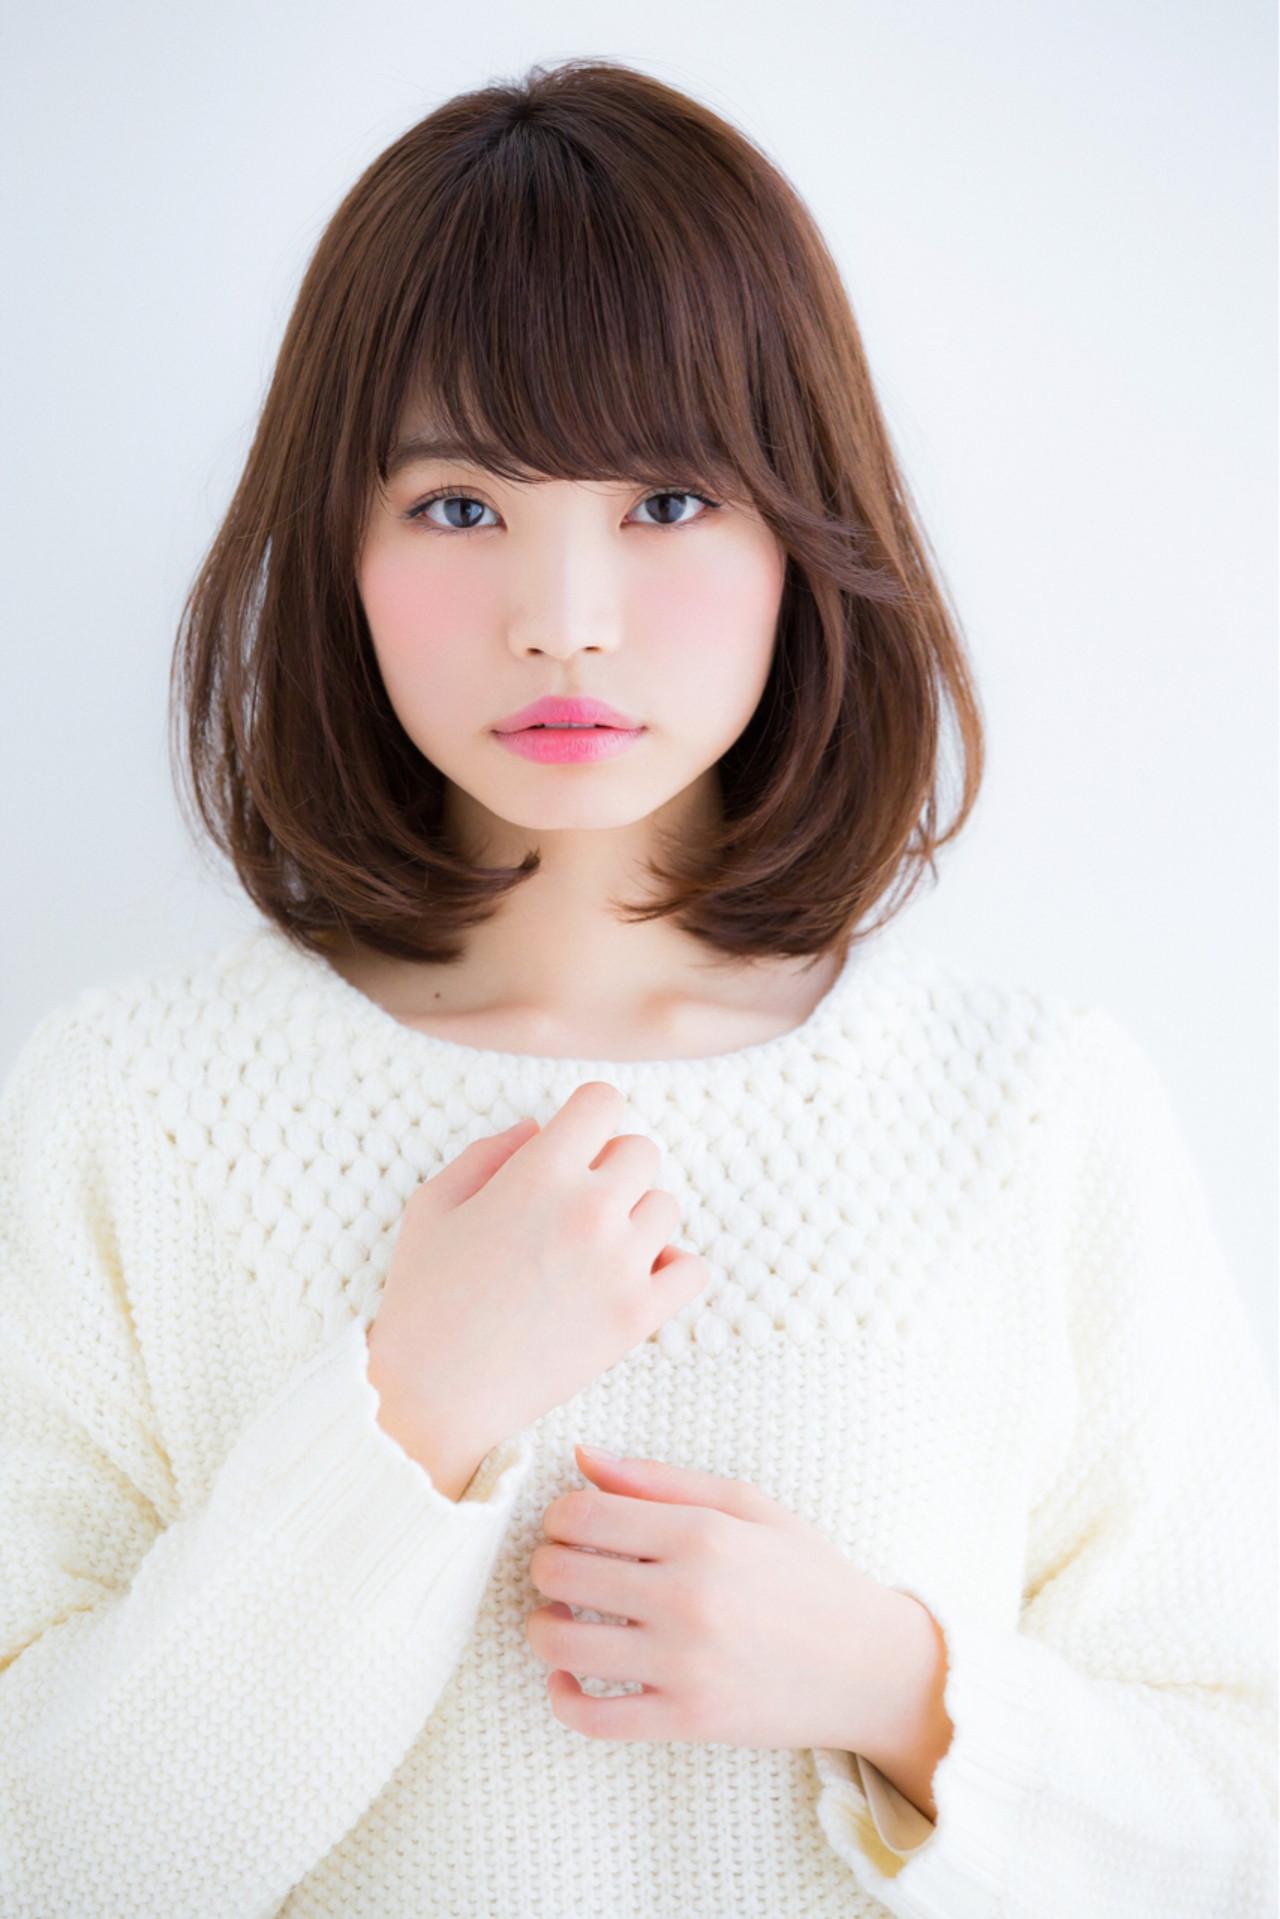 アンニュイ ゆるふわ ミディアム バレンタイン ヘアスタイルや髪型の写真・画像 | 松下哲史 / Ramie omotesando